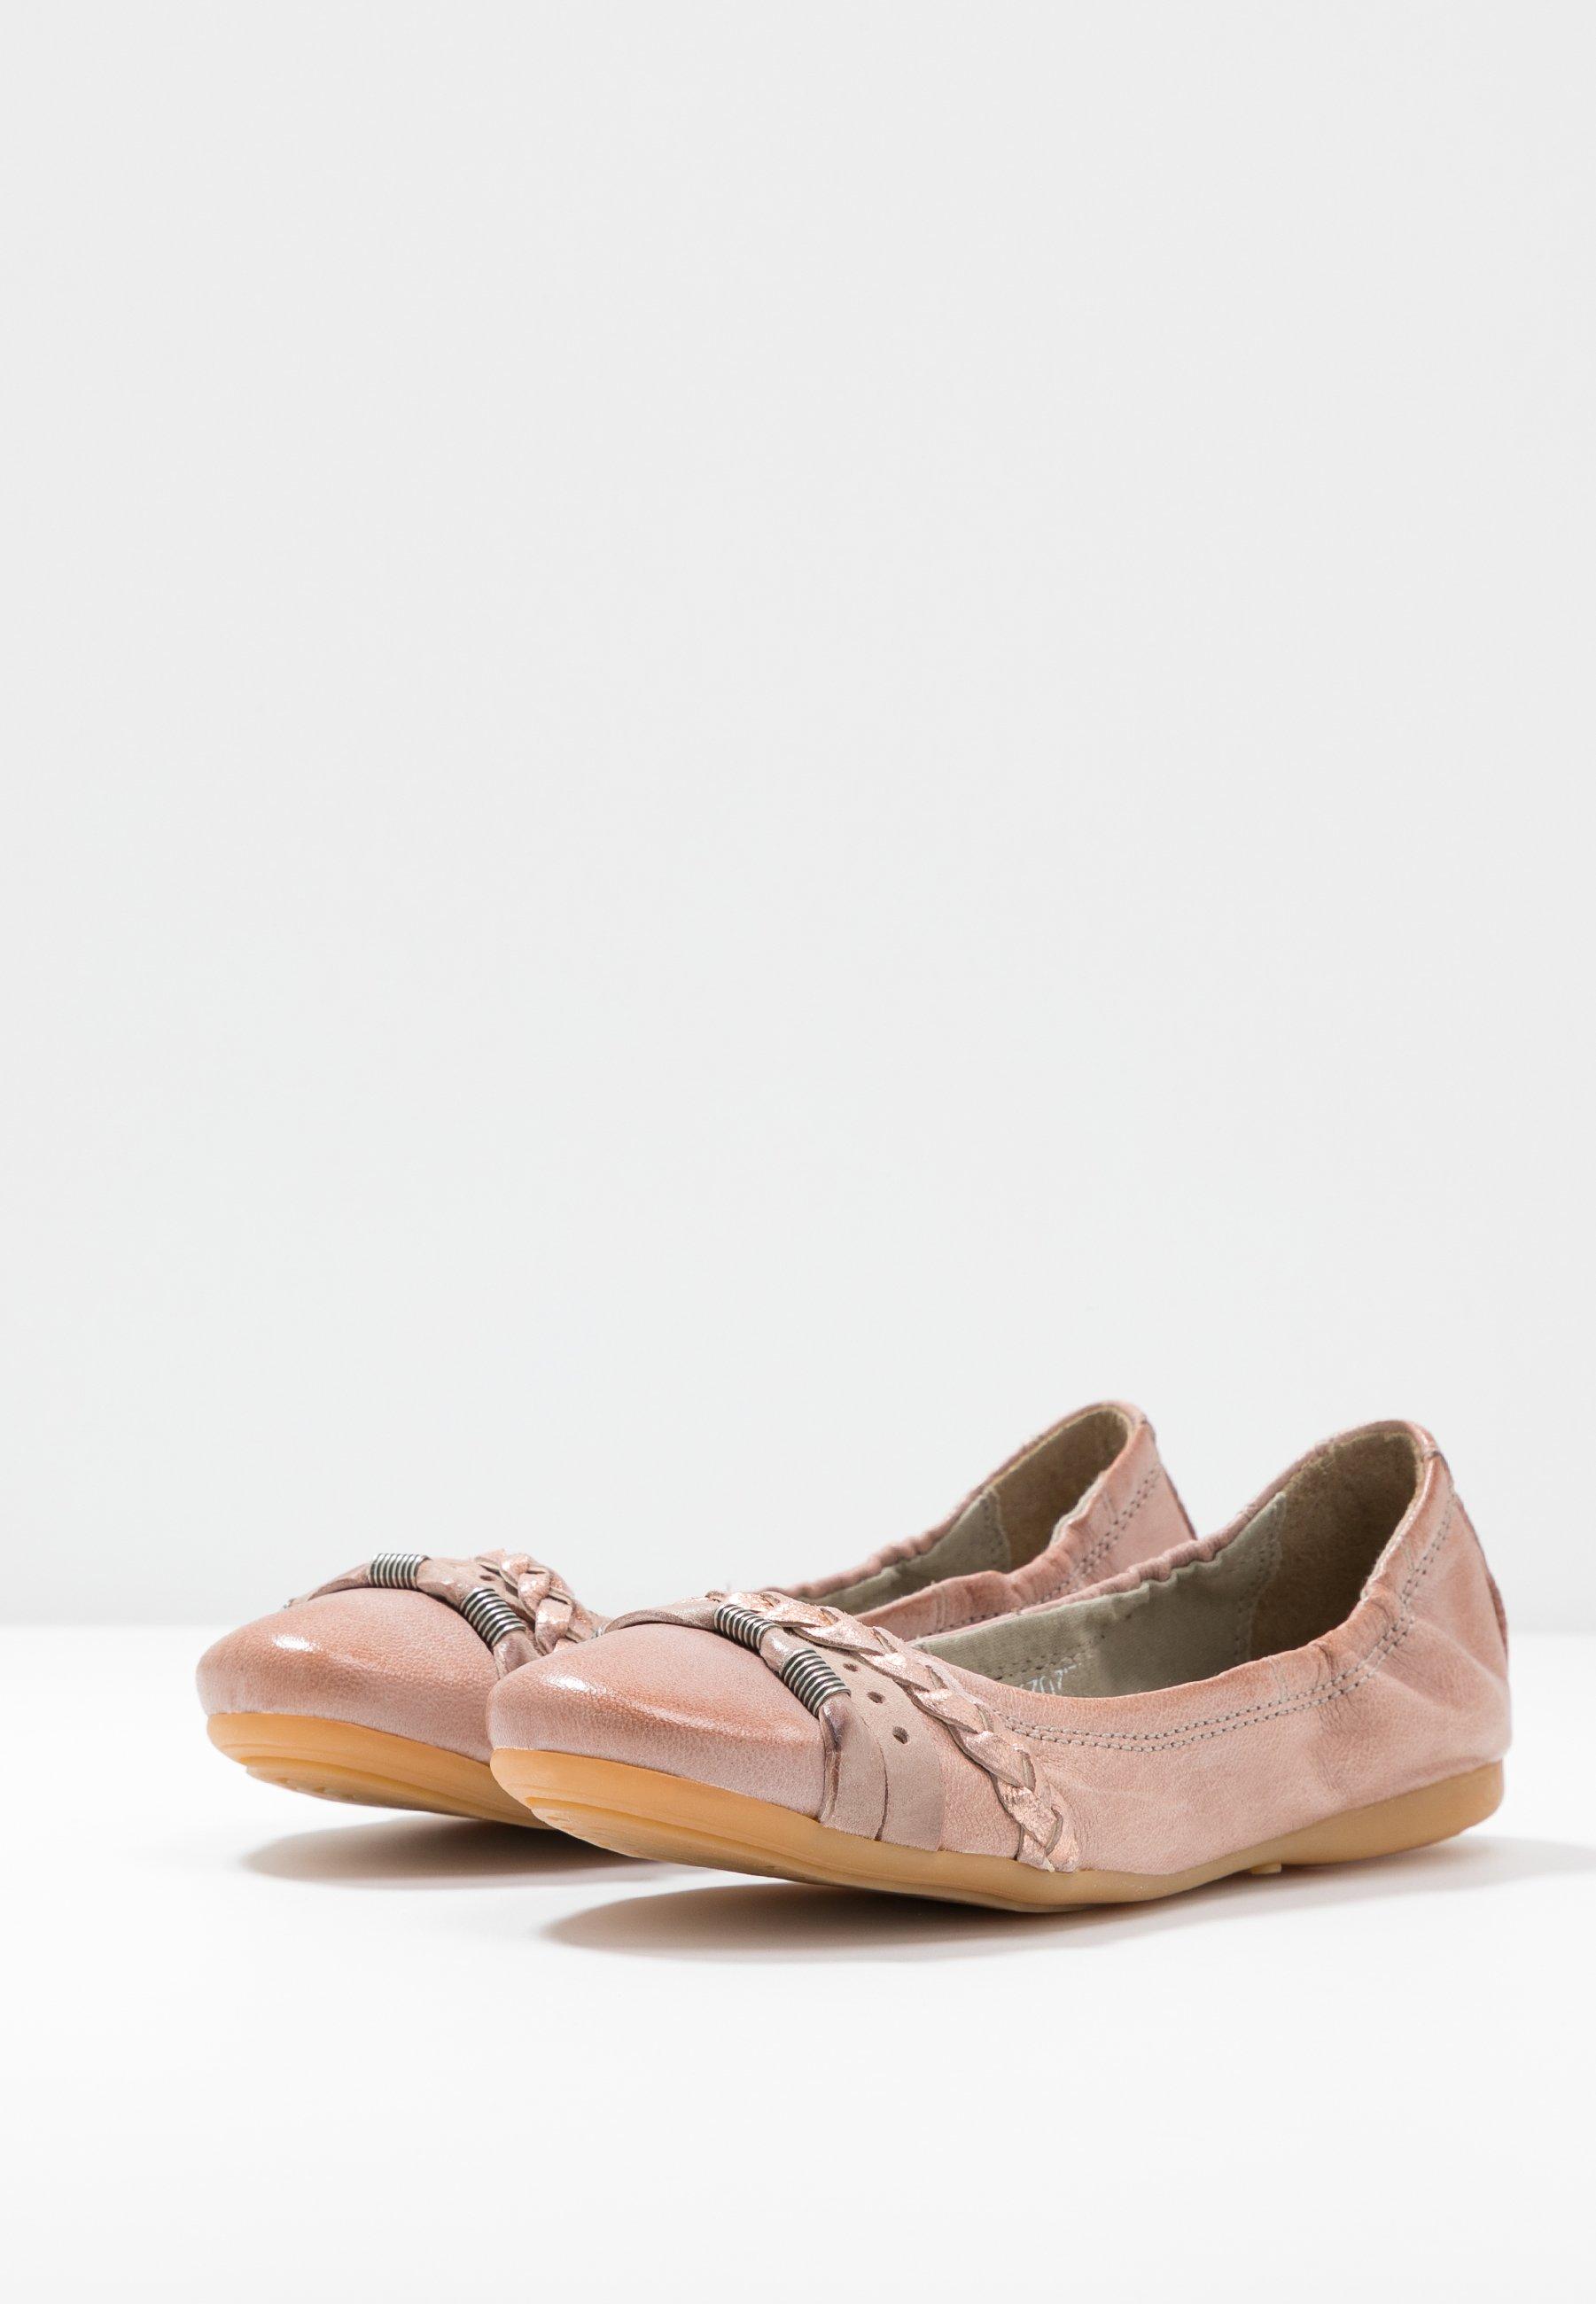 Mjus Ballerina's - Perla Goedkope Schoenen